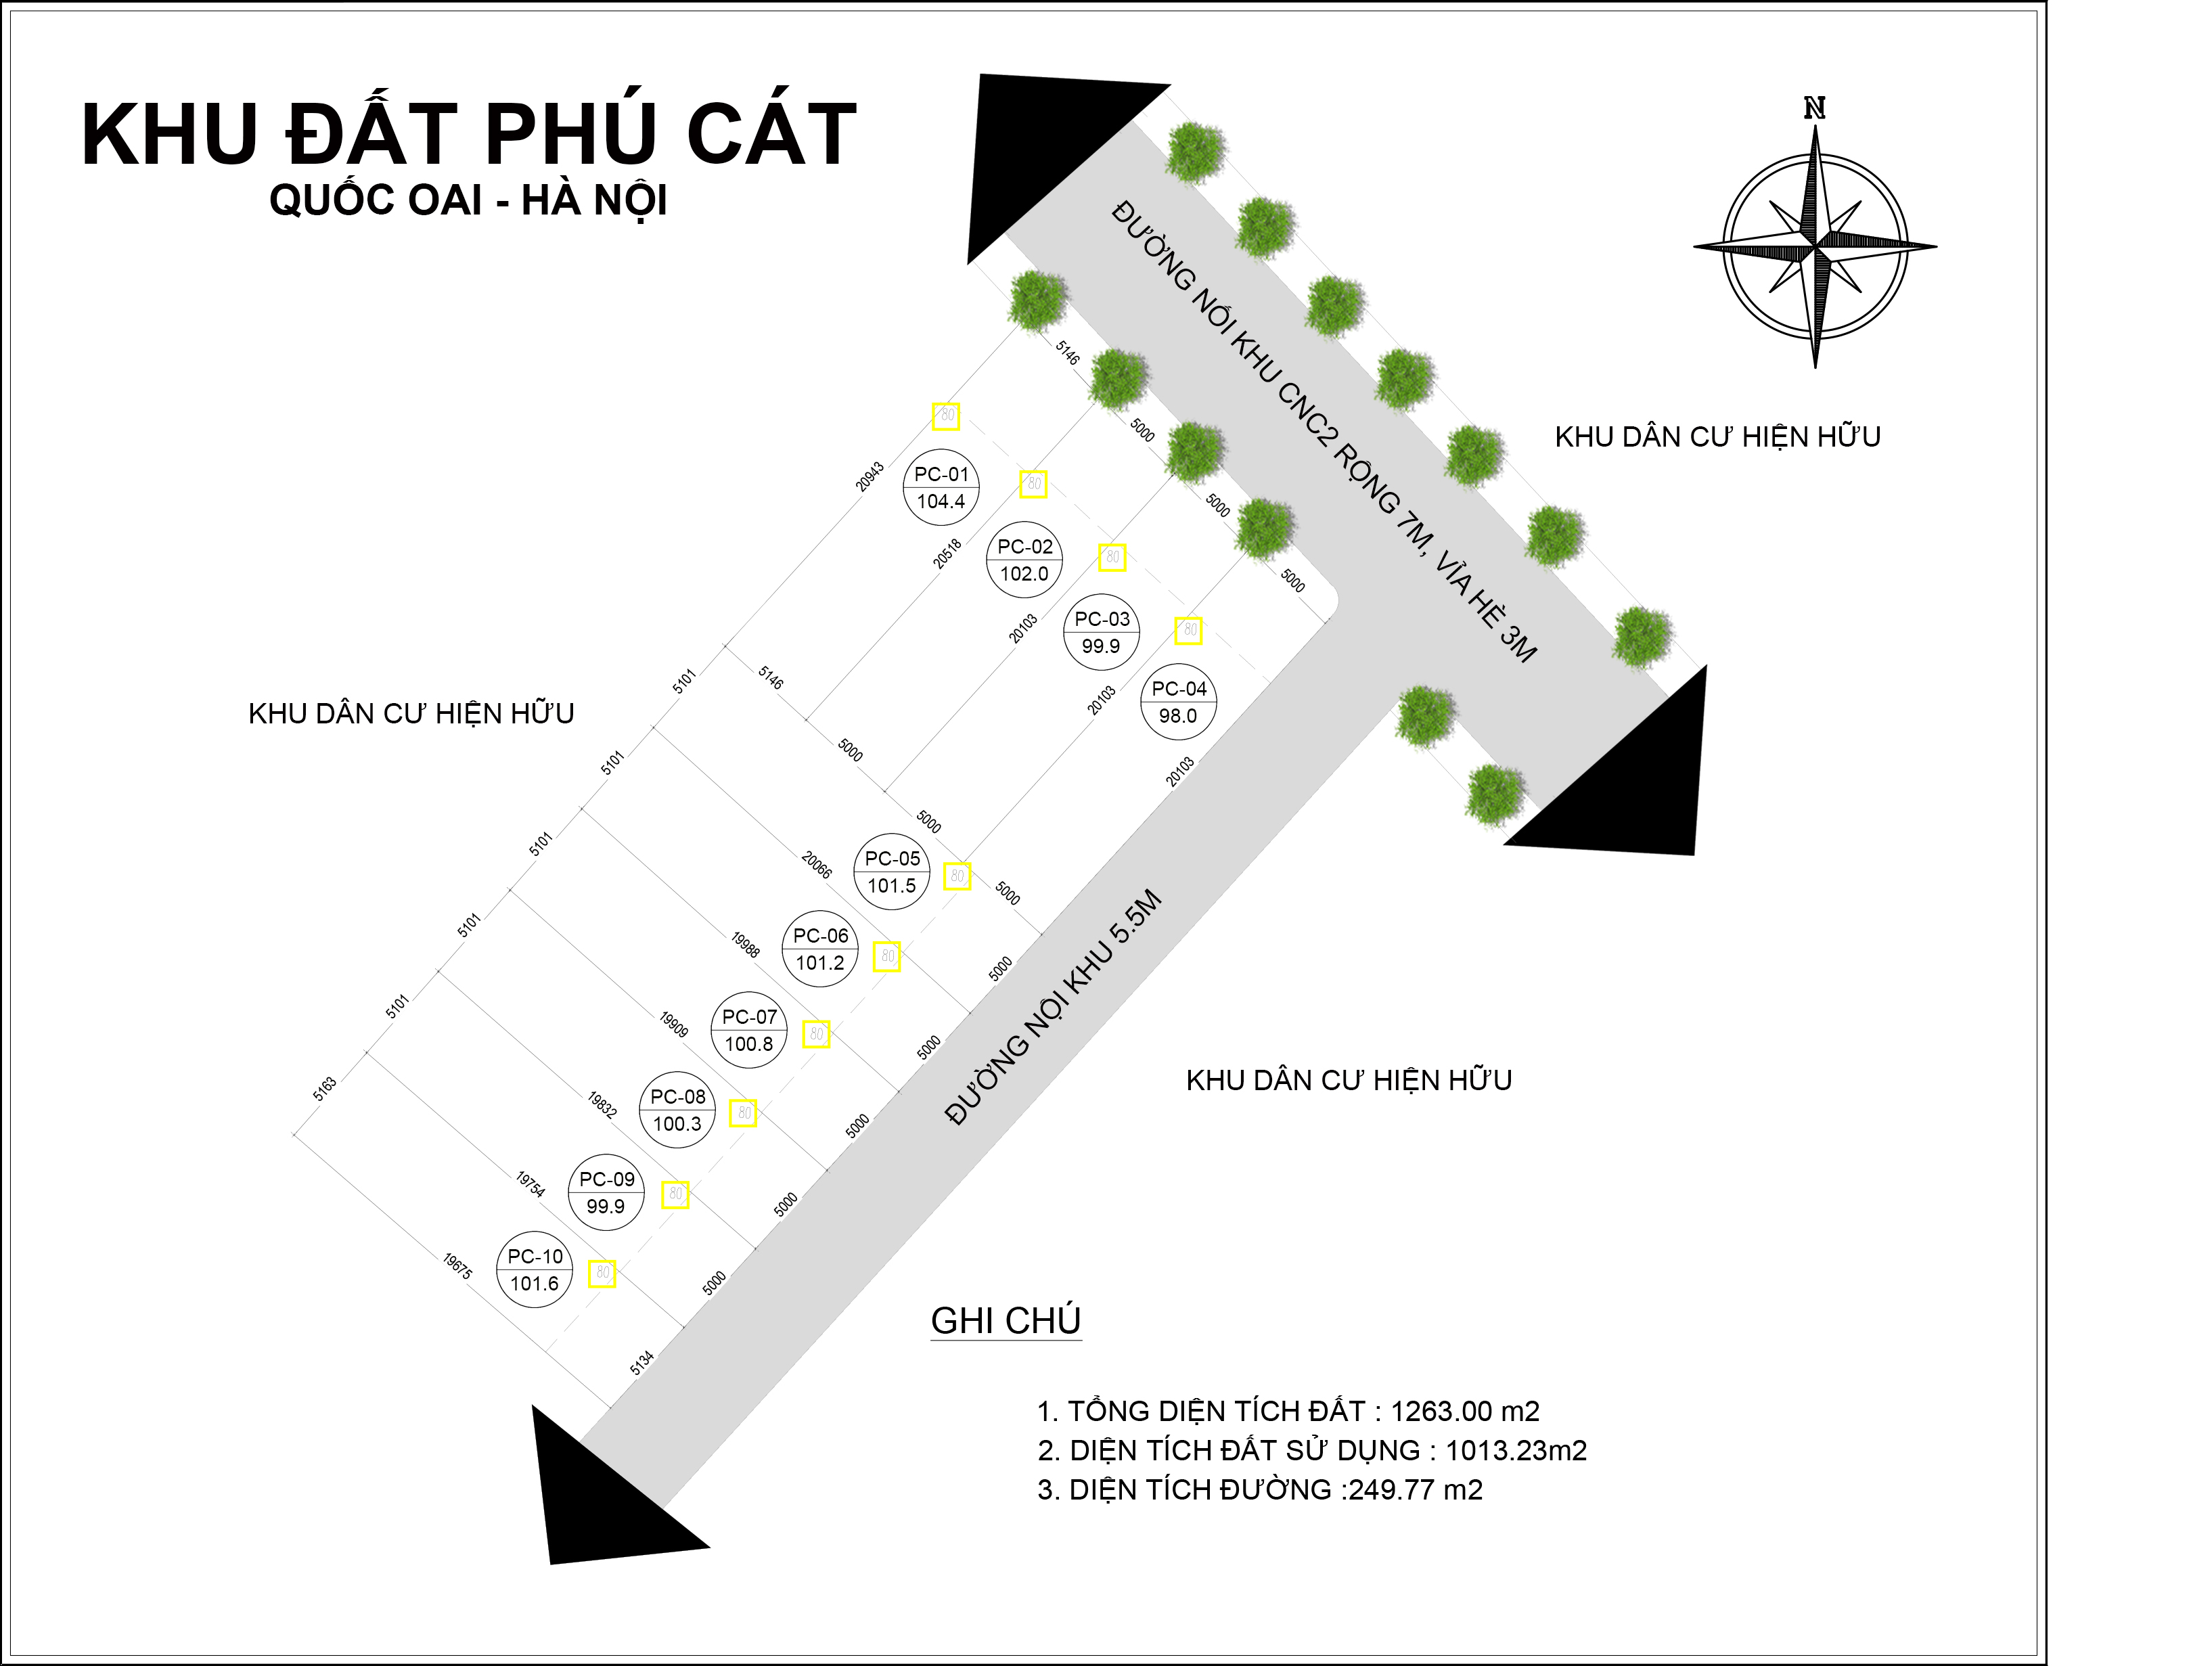 Vị trí 10 lô tái định cư Phú Cát (TĐT Vai Réo), Xã Phú Cát, huyện Quốc Oai, TP Hà Nội